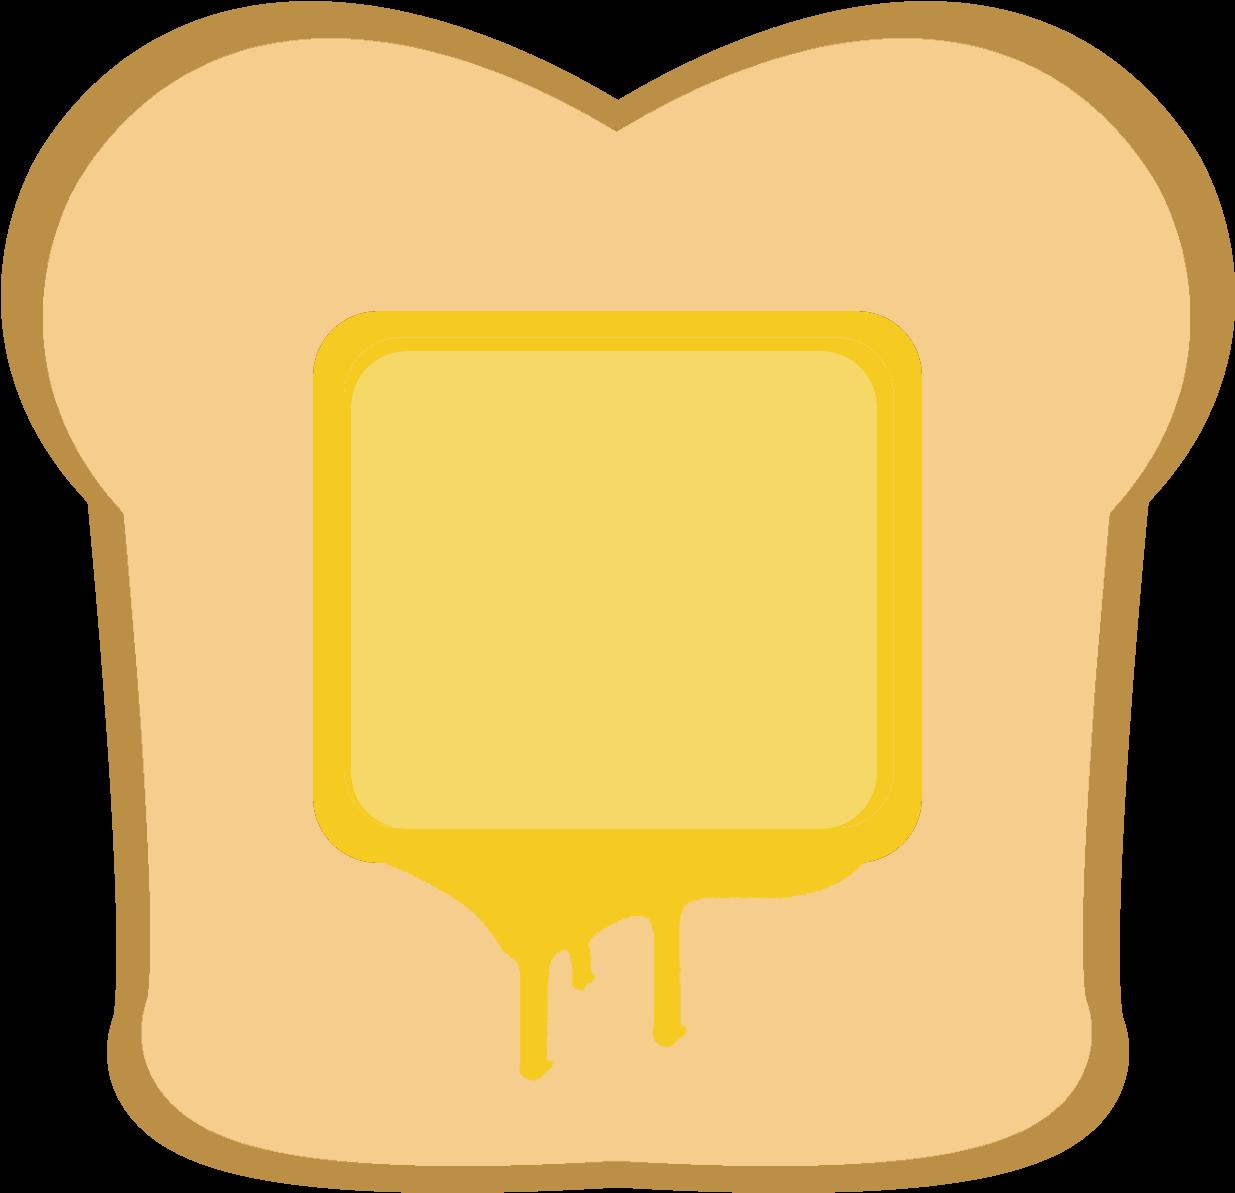 Butter clipart toast butter. Hd buttered